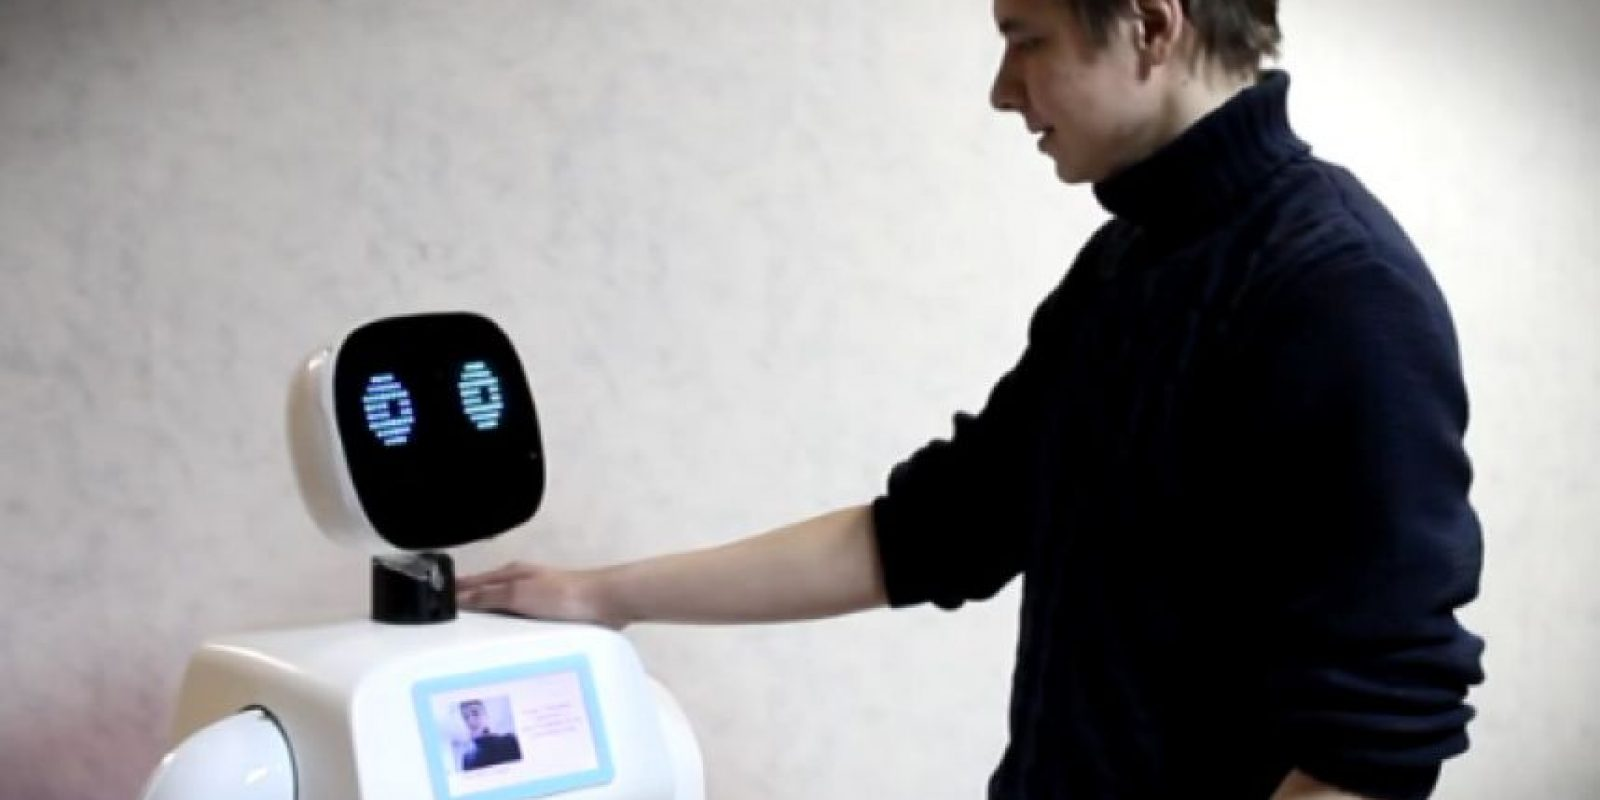 El dispositivo puede ayudar a las personas respondiendo preguntas, traduciendo frases y puede reconocer rostros. Foto:Promo-bot.ru